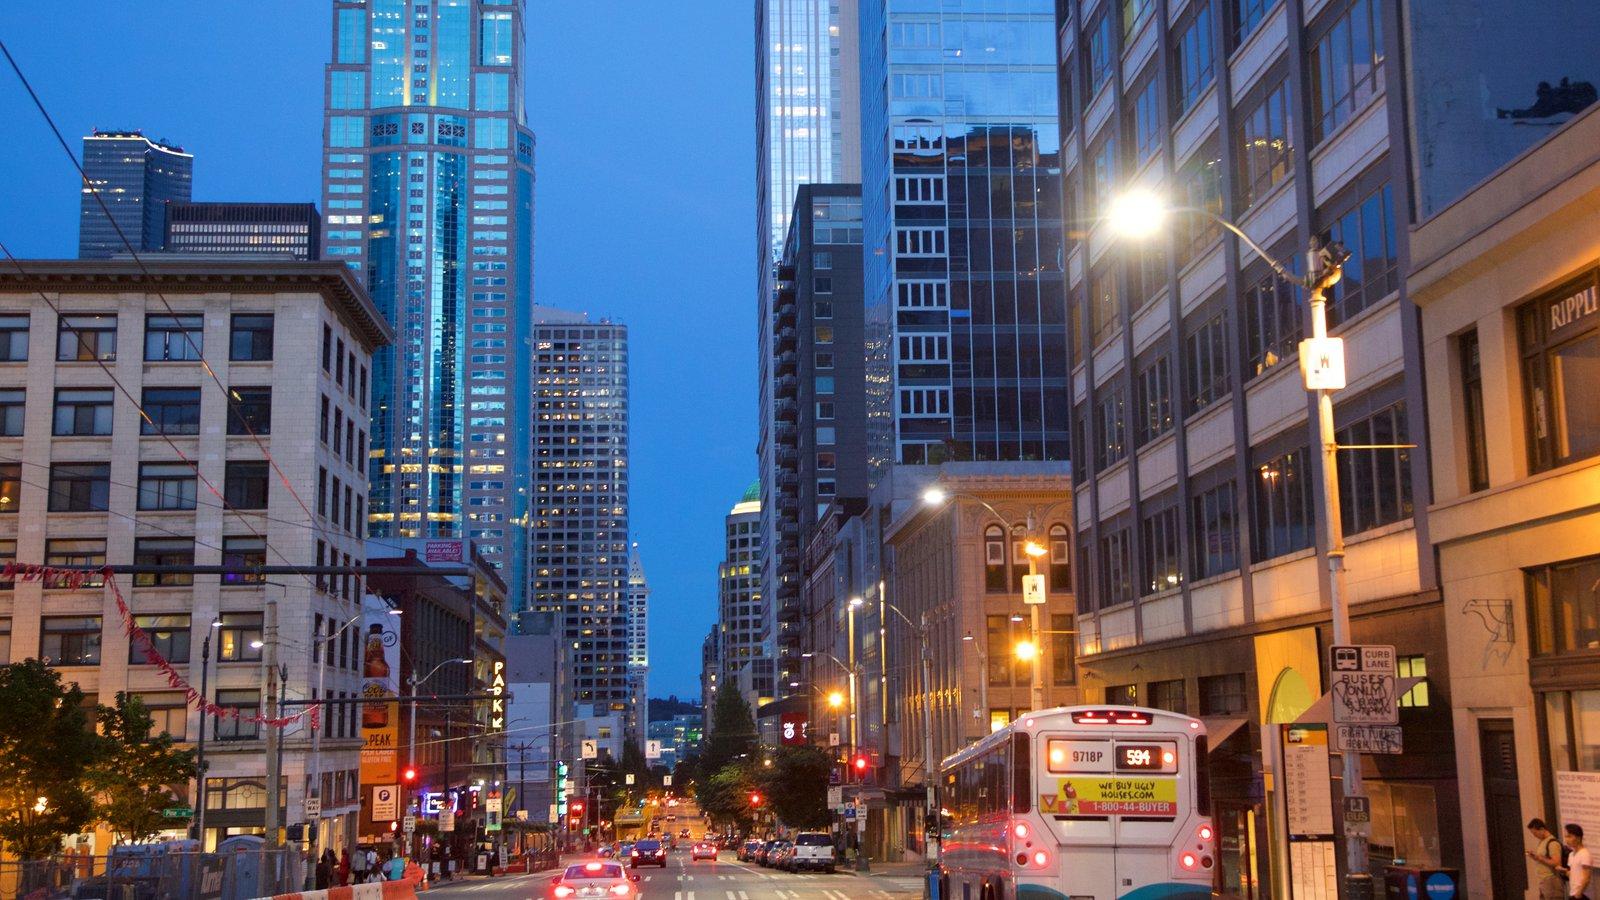 Belltown que inclui cenas noturnas, cenas de rua e paisagens da cidade